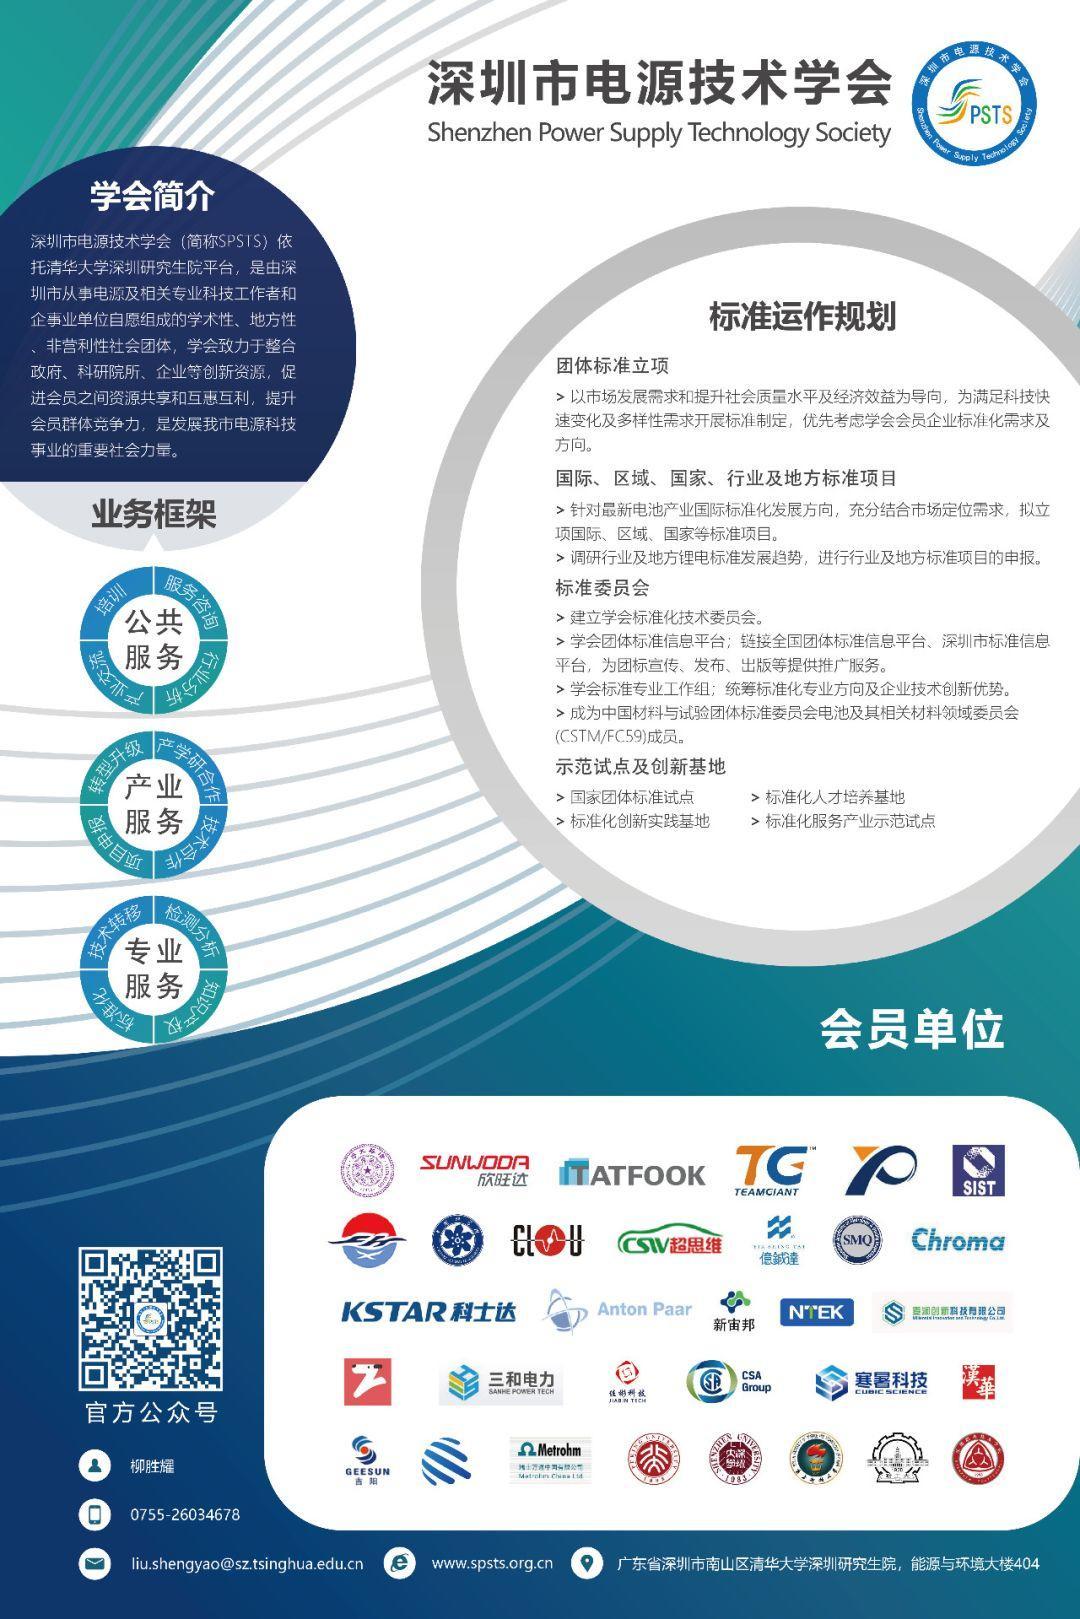 【学会通知】关于召开《锂离子电池储能系统的功能安全规范》等团体标准第一次工作组会议的通知